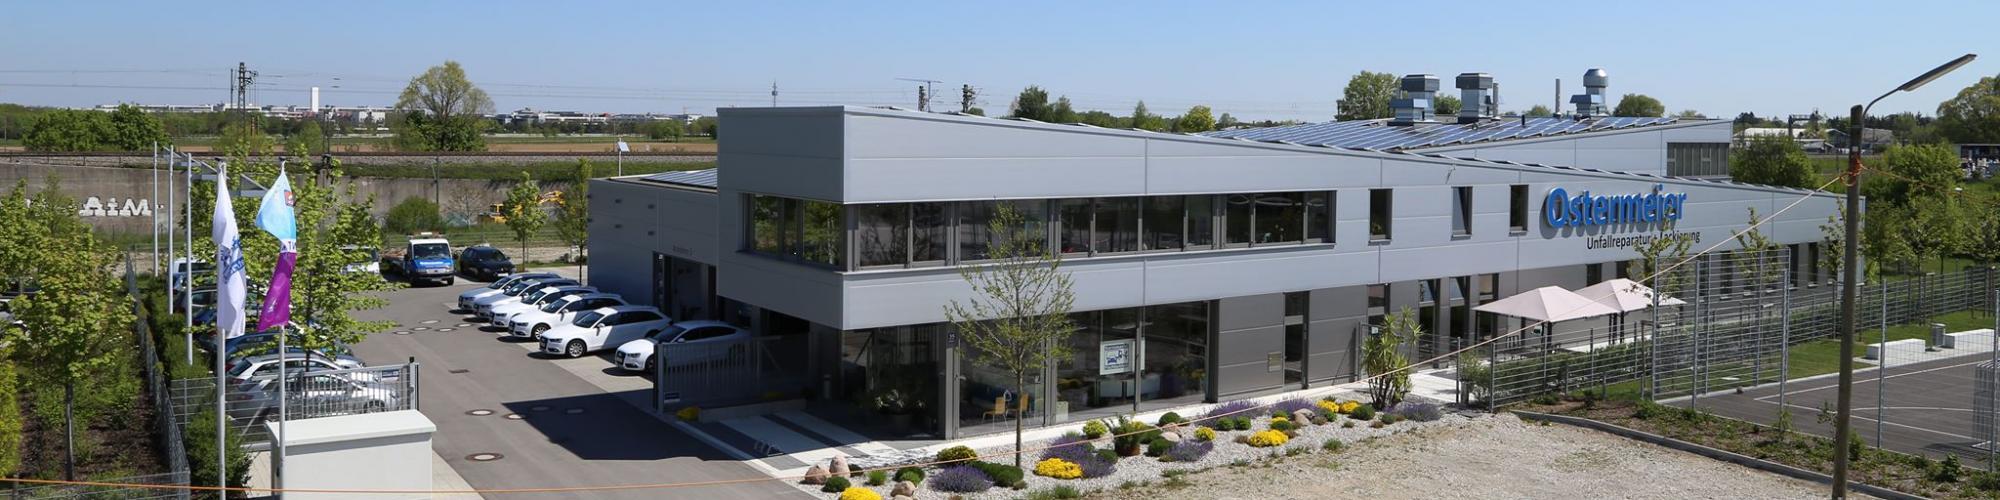 Ostermeier GmbH